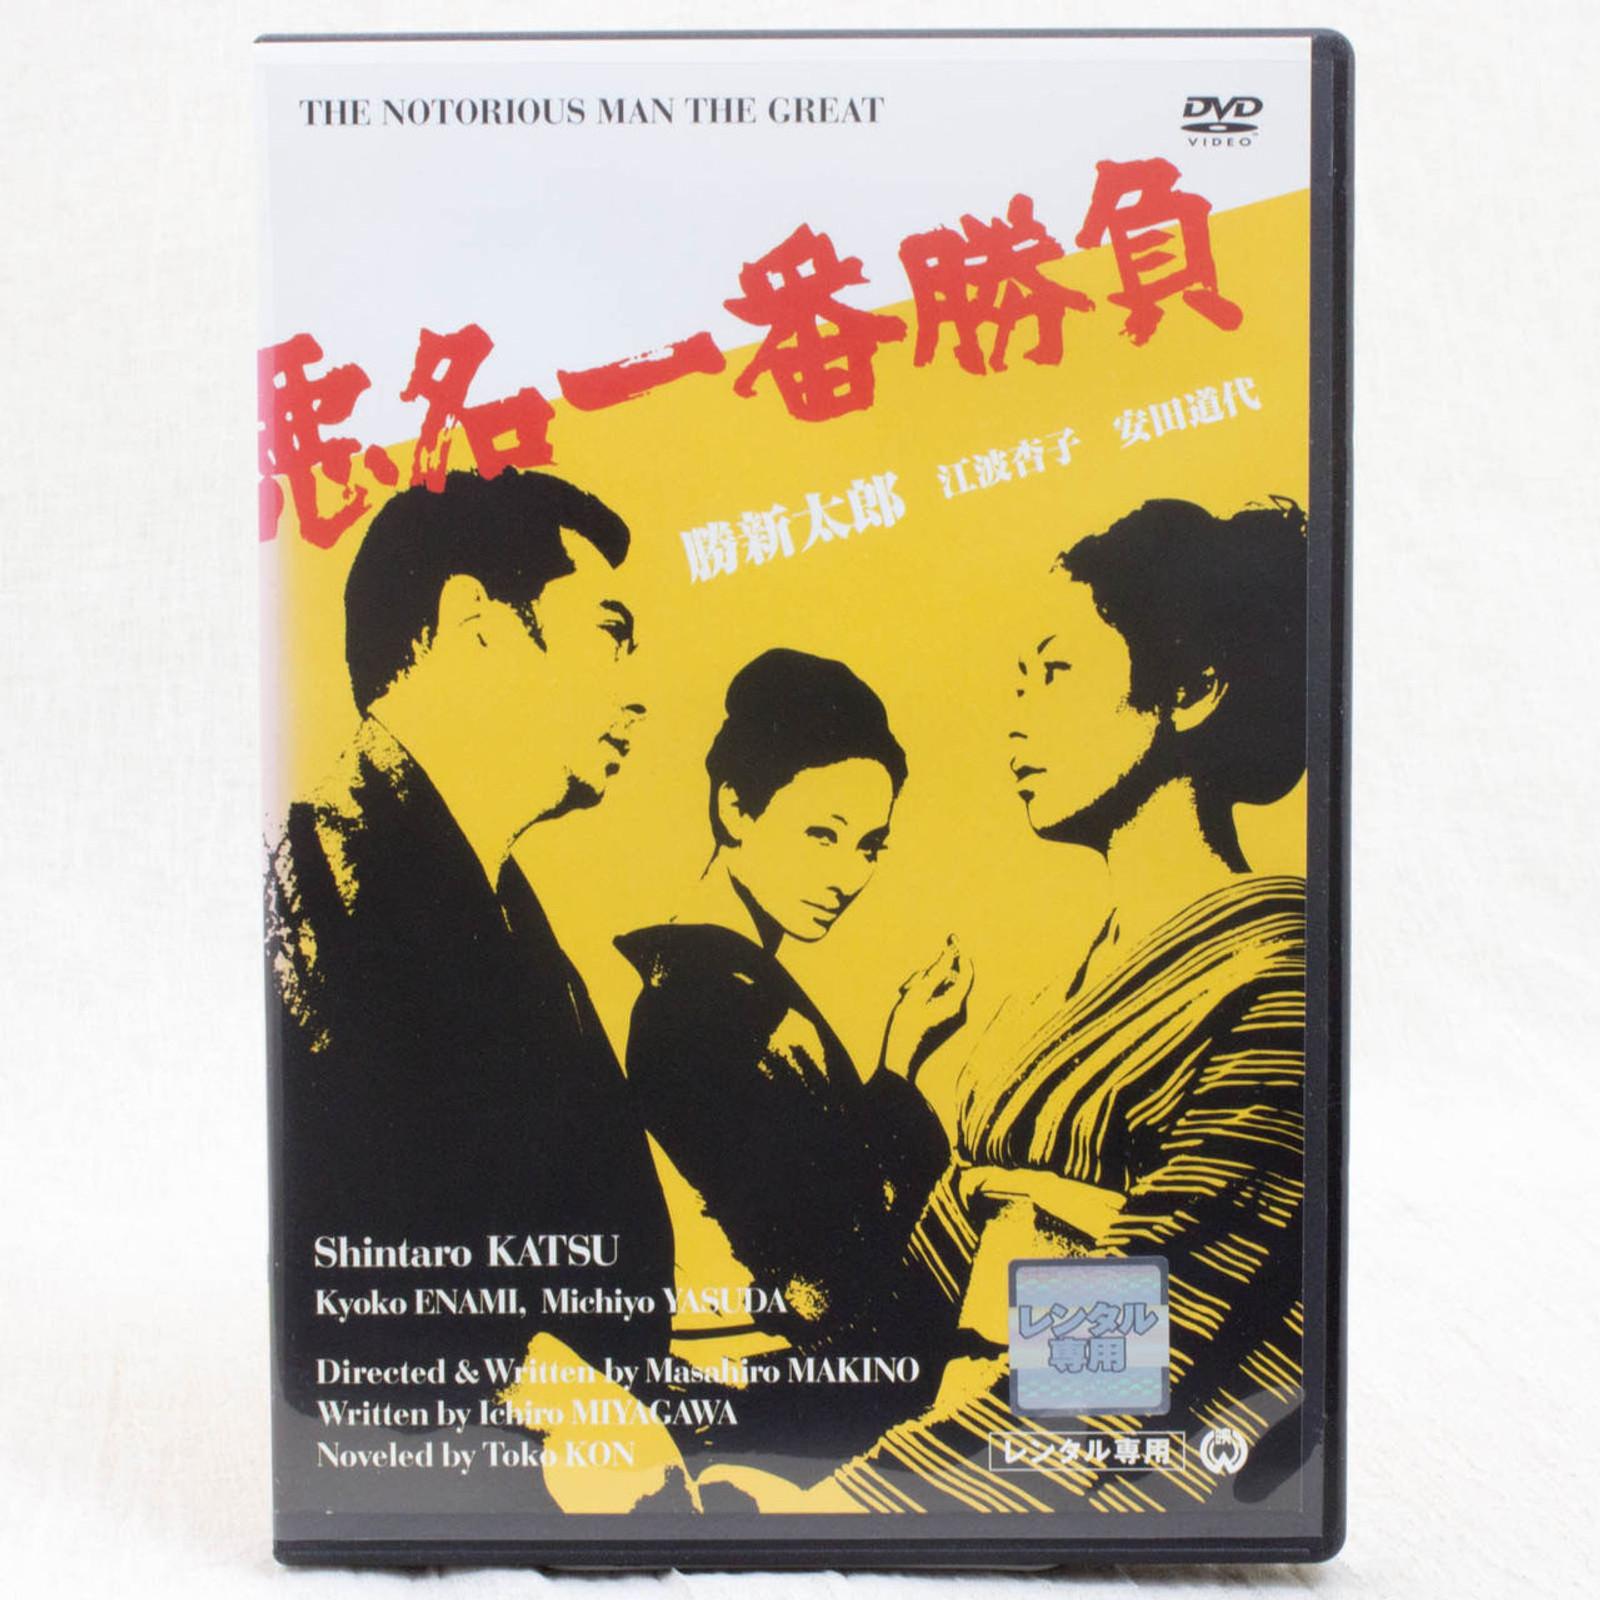 AKUMYOU ICHIBAN SHOUBU Notorious Men DVD Japanese Movie Shintaro Katsu DAIEI